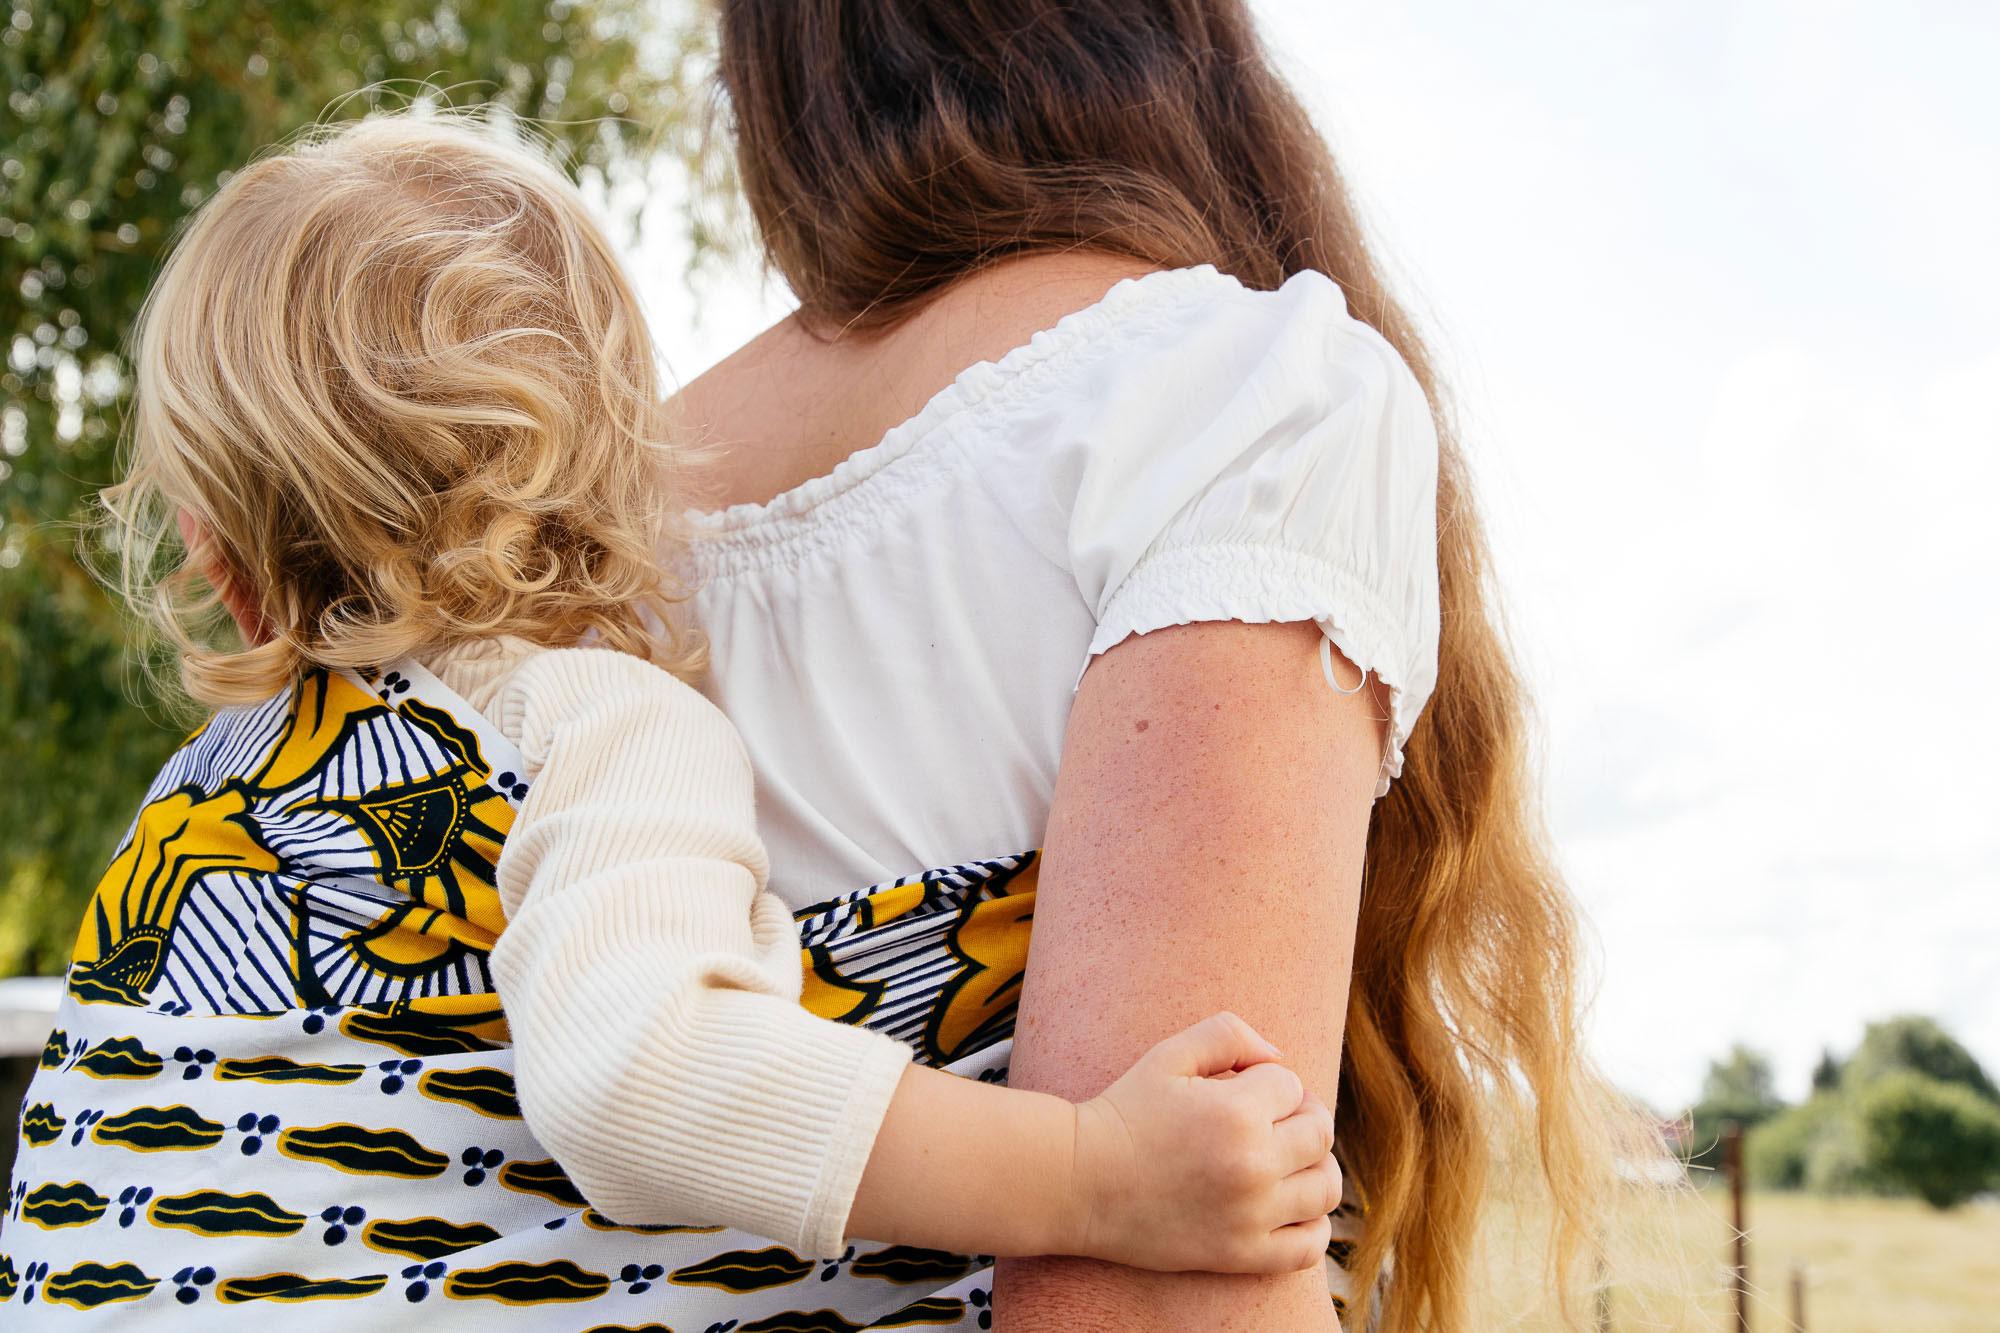 Une femme porte son enfant blond dans un mbotou blanc et jaune